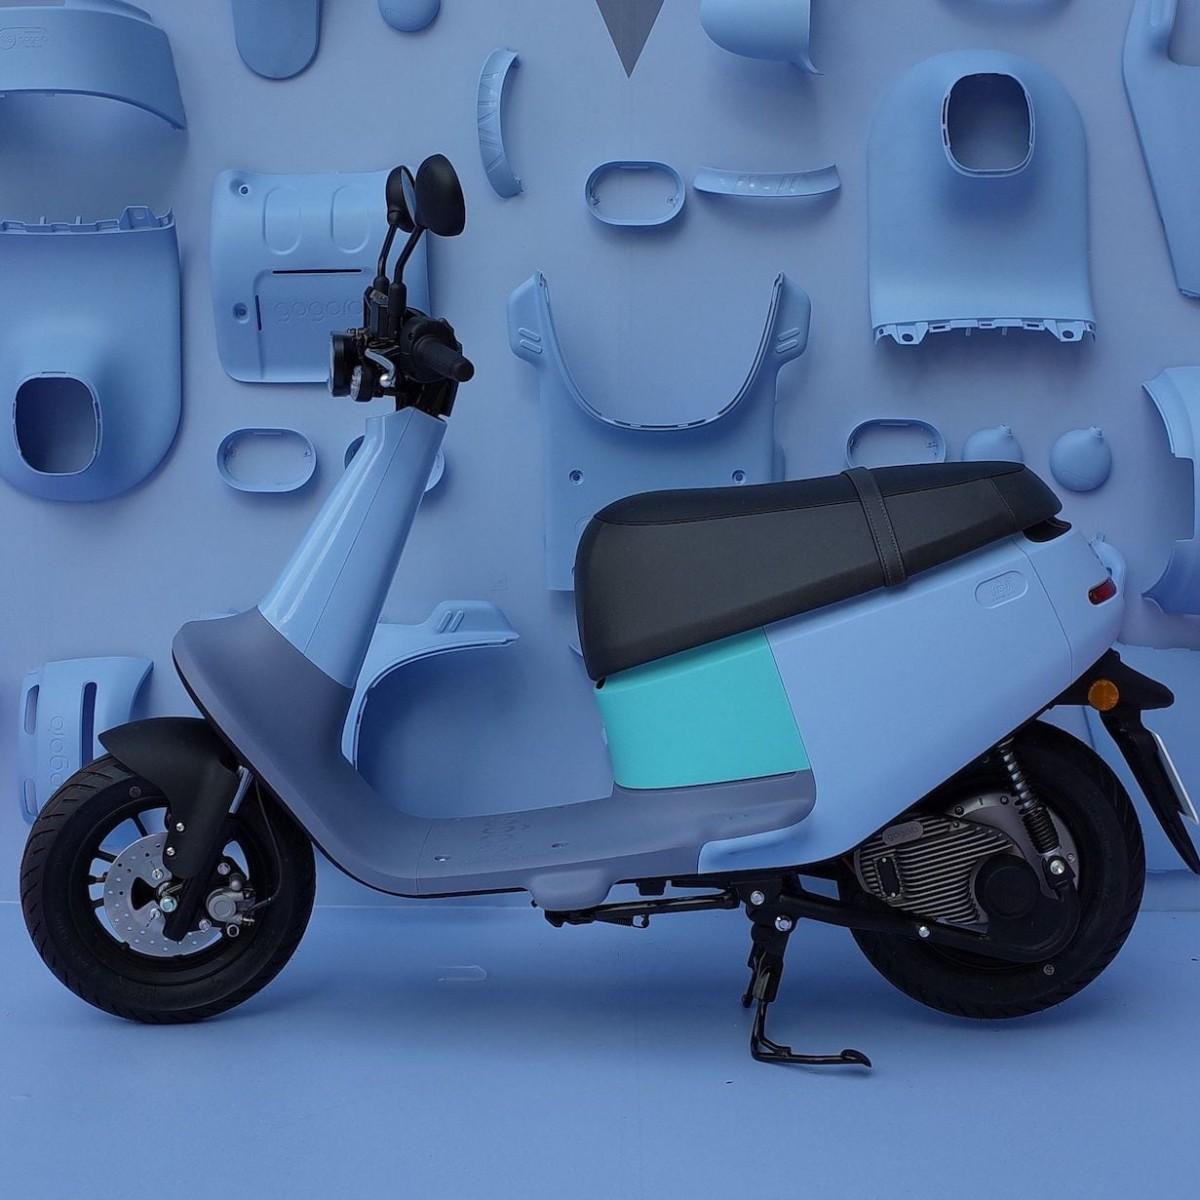 Gogoro VIVA Ultralight Smart Scooter weighs just 80 kilograms for easy handling